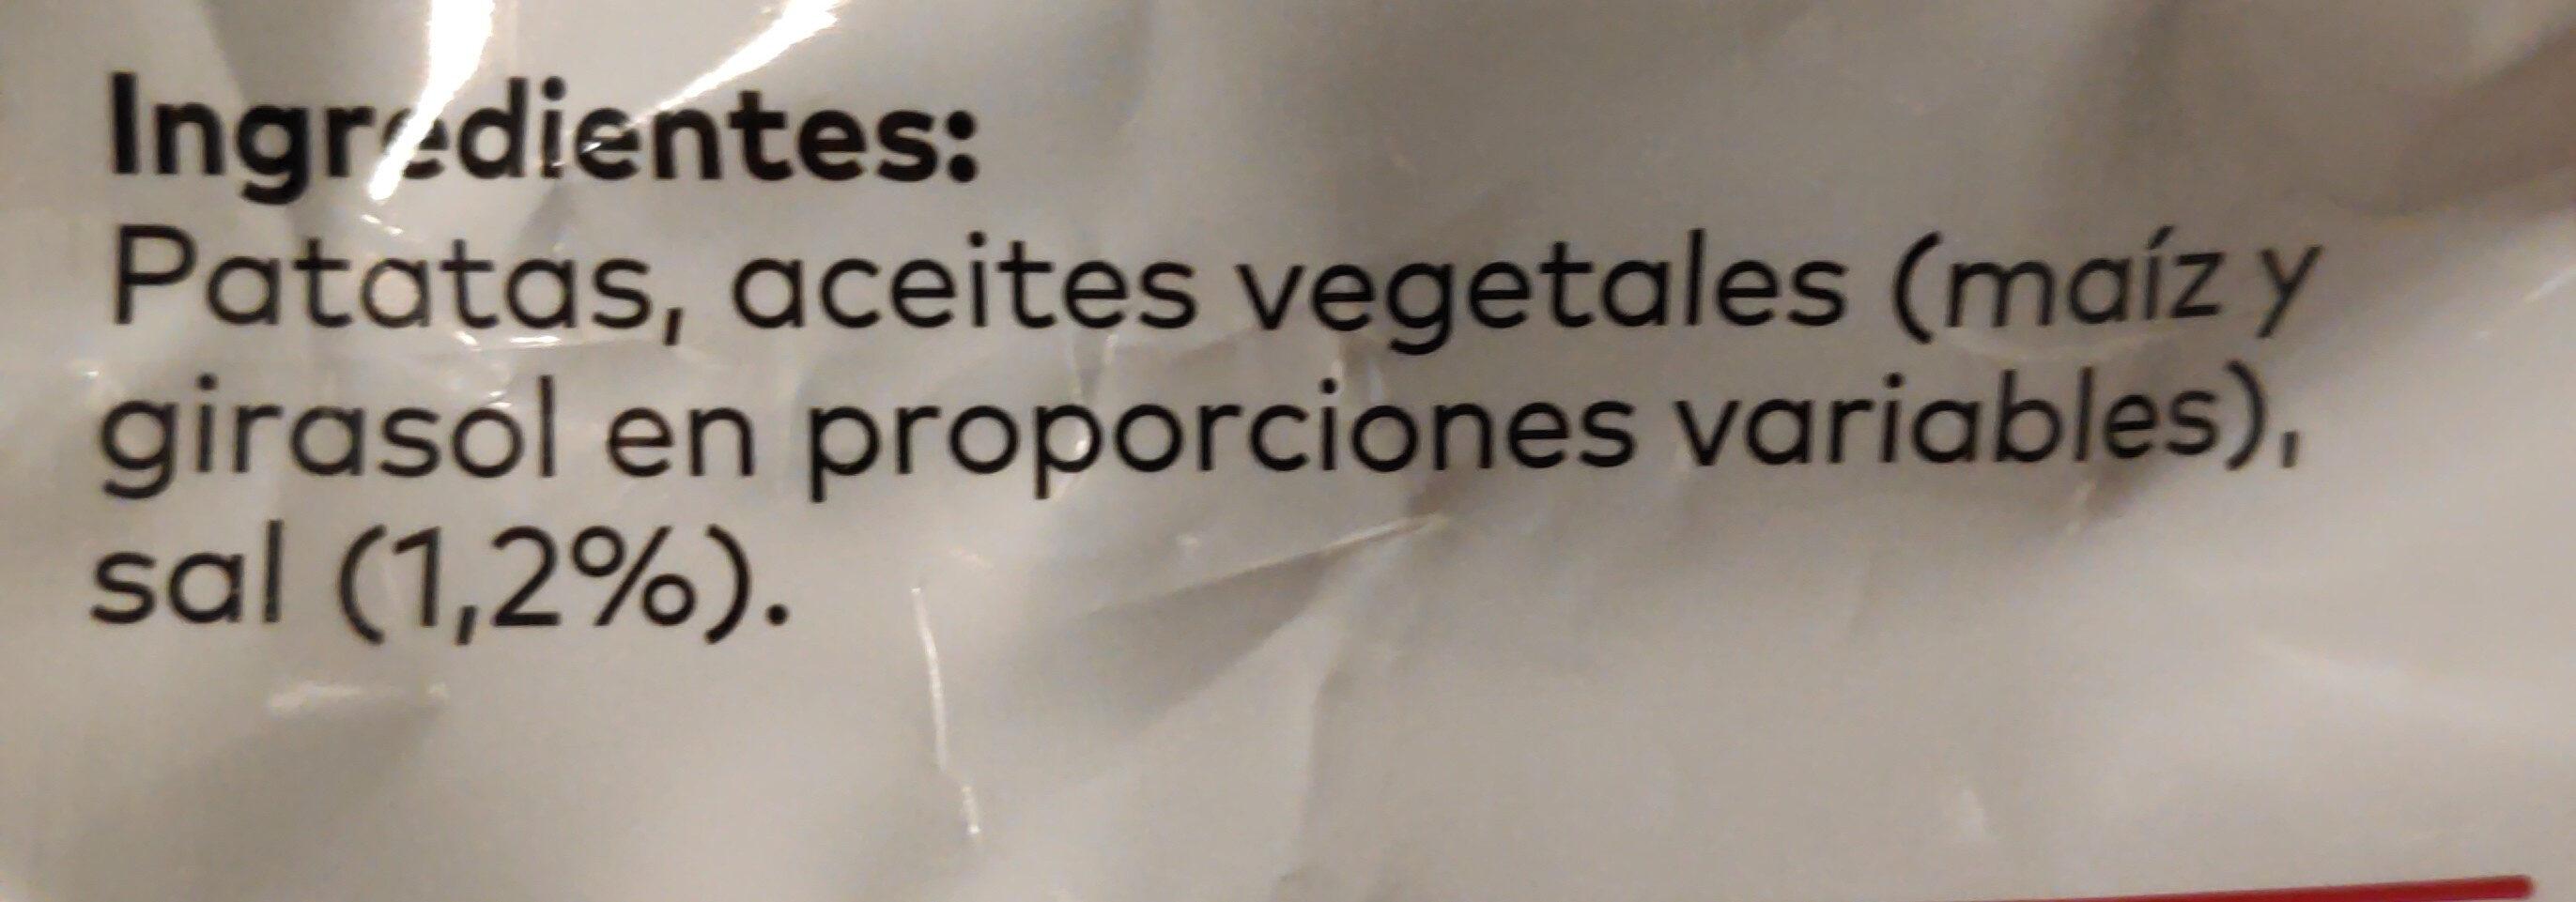 Patatas fritas al punto de sal Sin Gluten bolsa 170 g - Ingredients - es